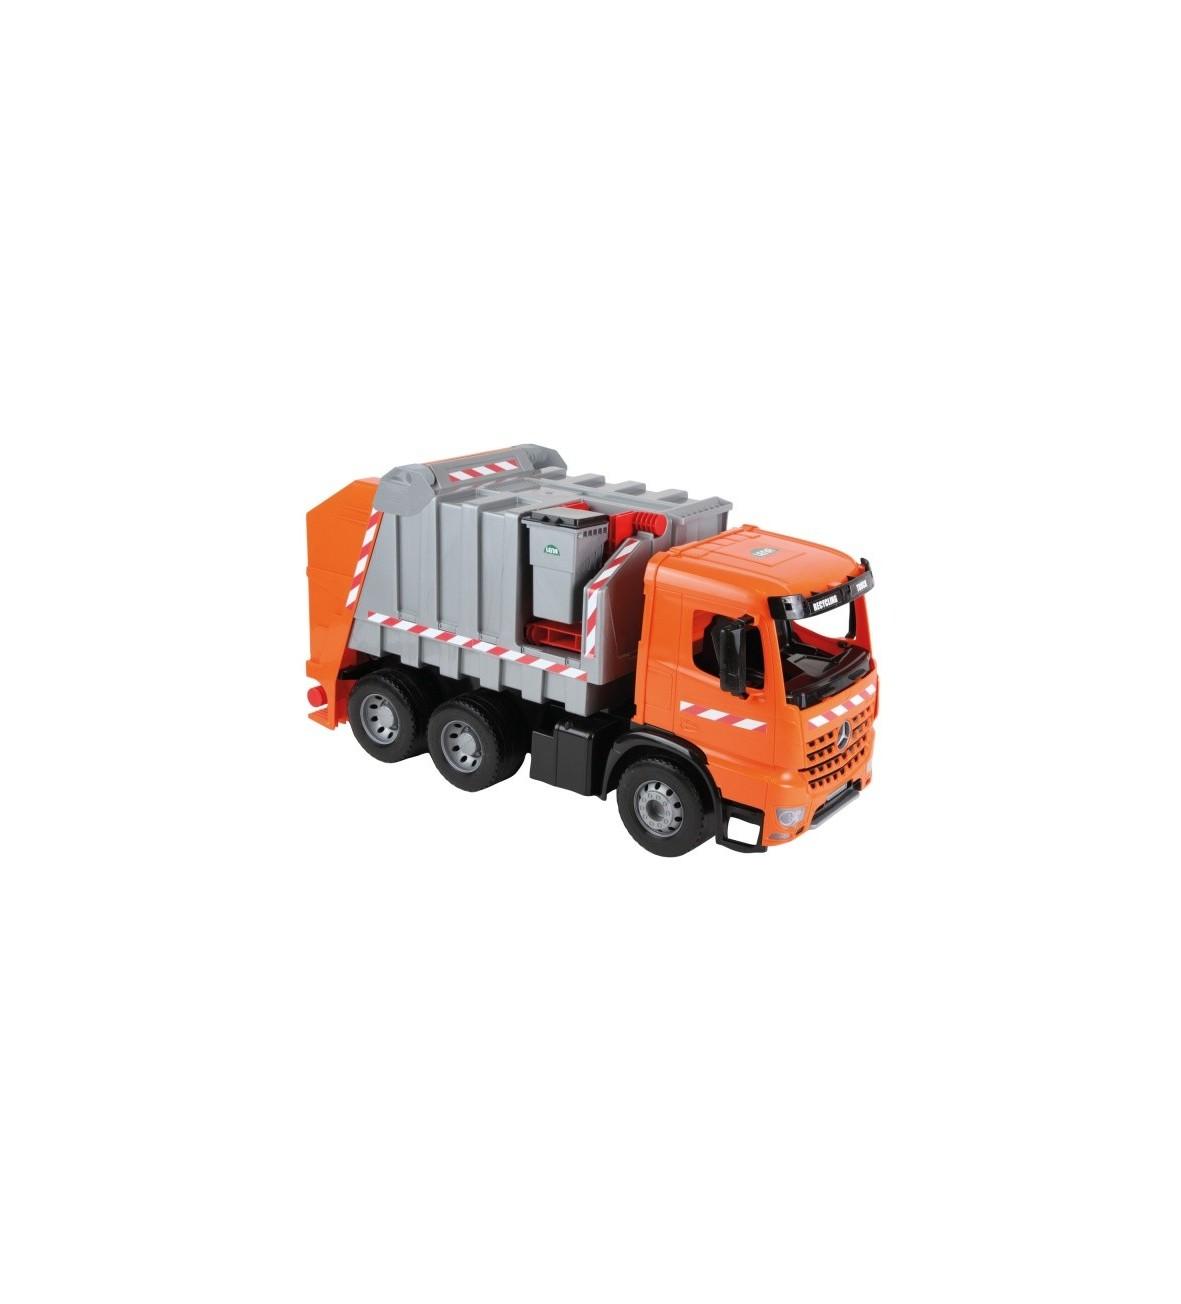 Śmieciarka Aroc z naklejkami 74 cm